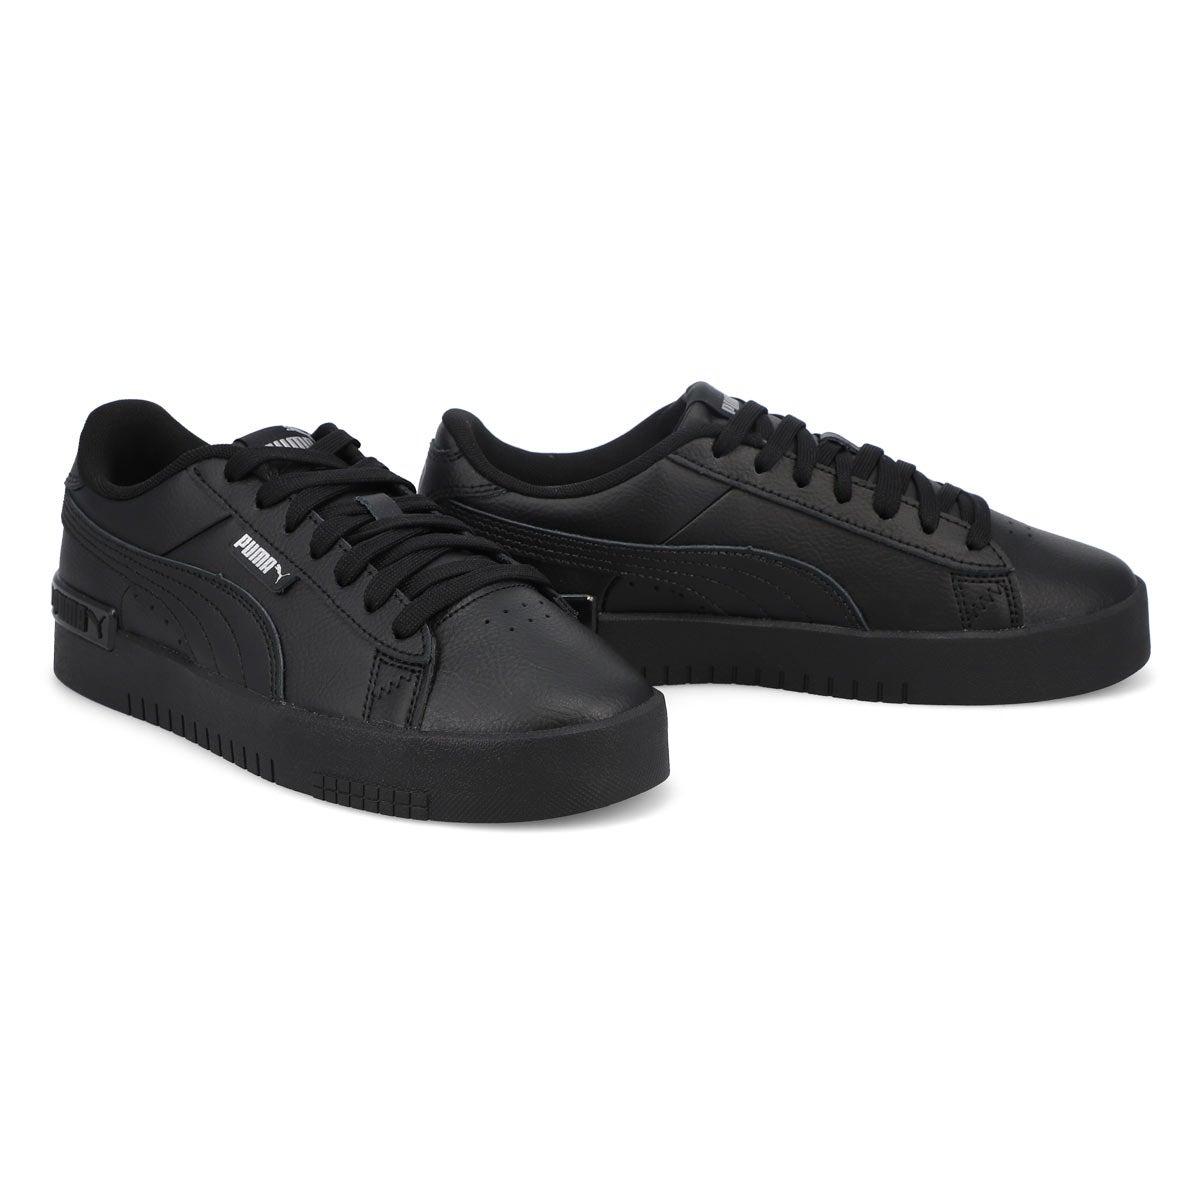 Women's Jada Sneaker - Black/Silver